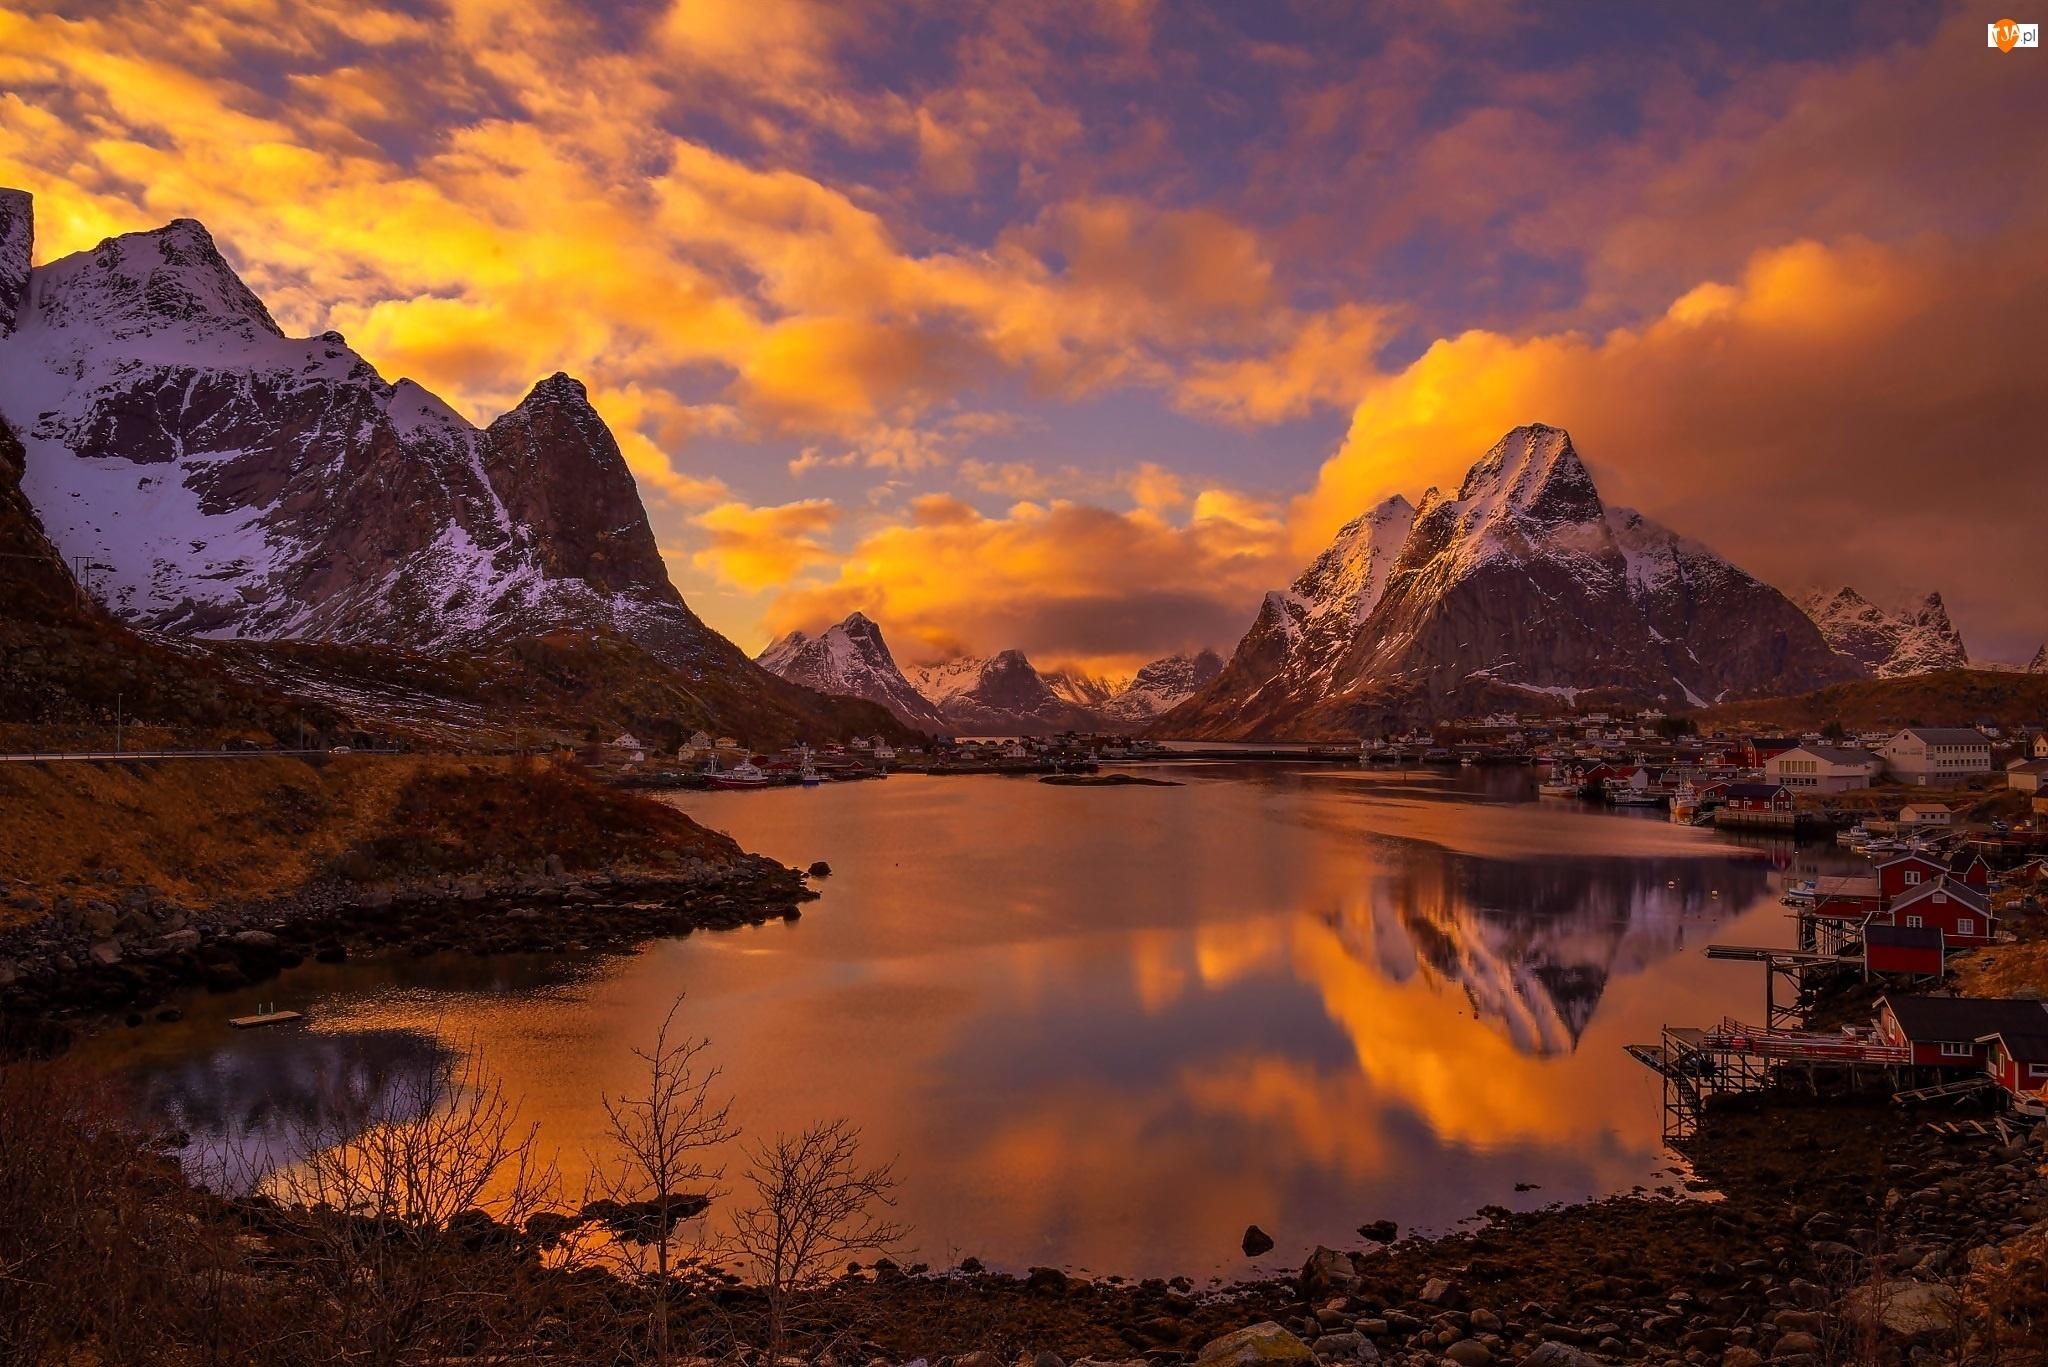 Świt, Wioska Reine, Norwegia, Lofoty, Chmury, Góry